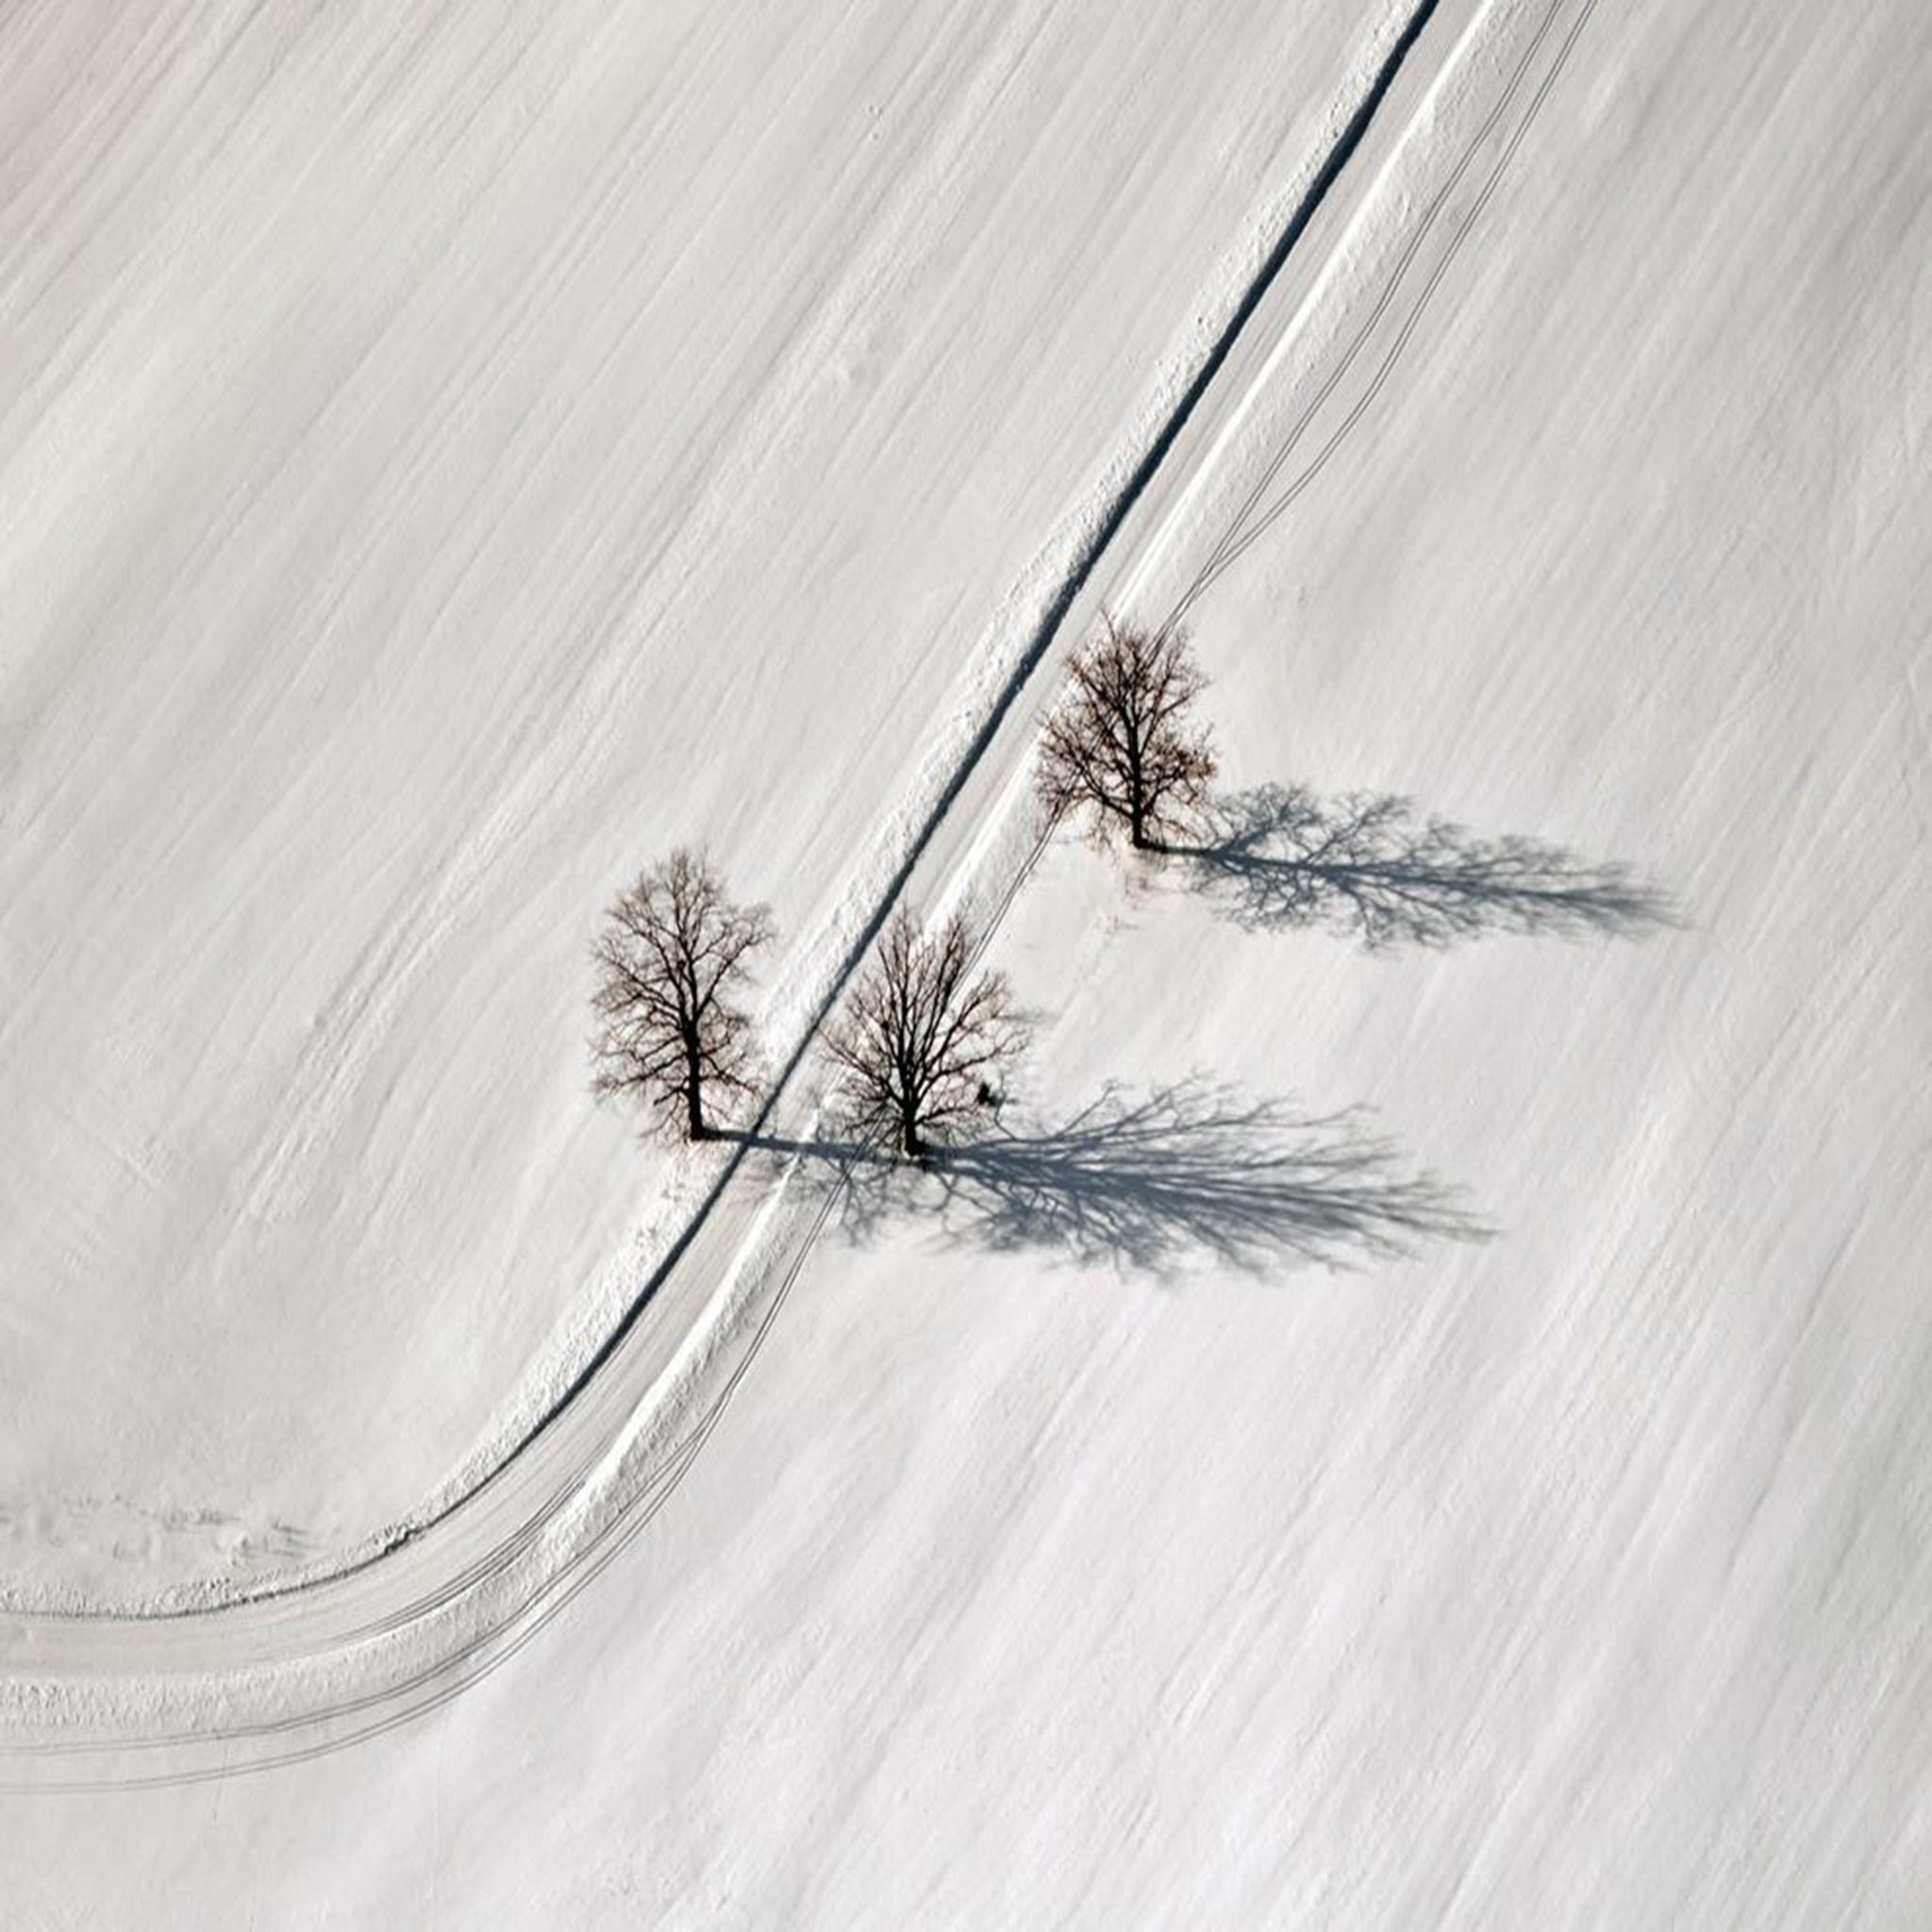 Árvores cobertas por neve, Latvia. Fotógrafo: Mihails Ignats.